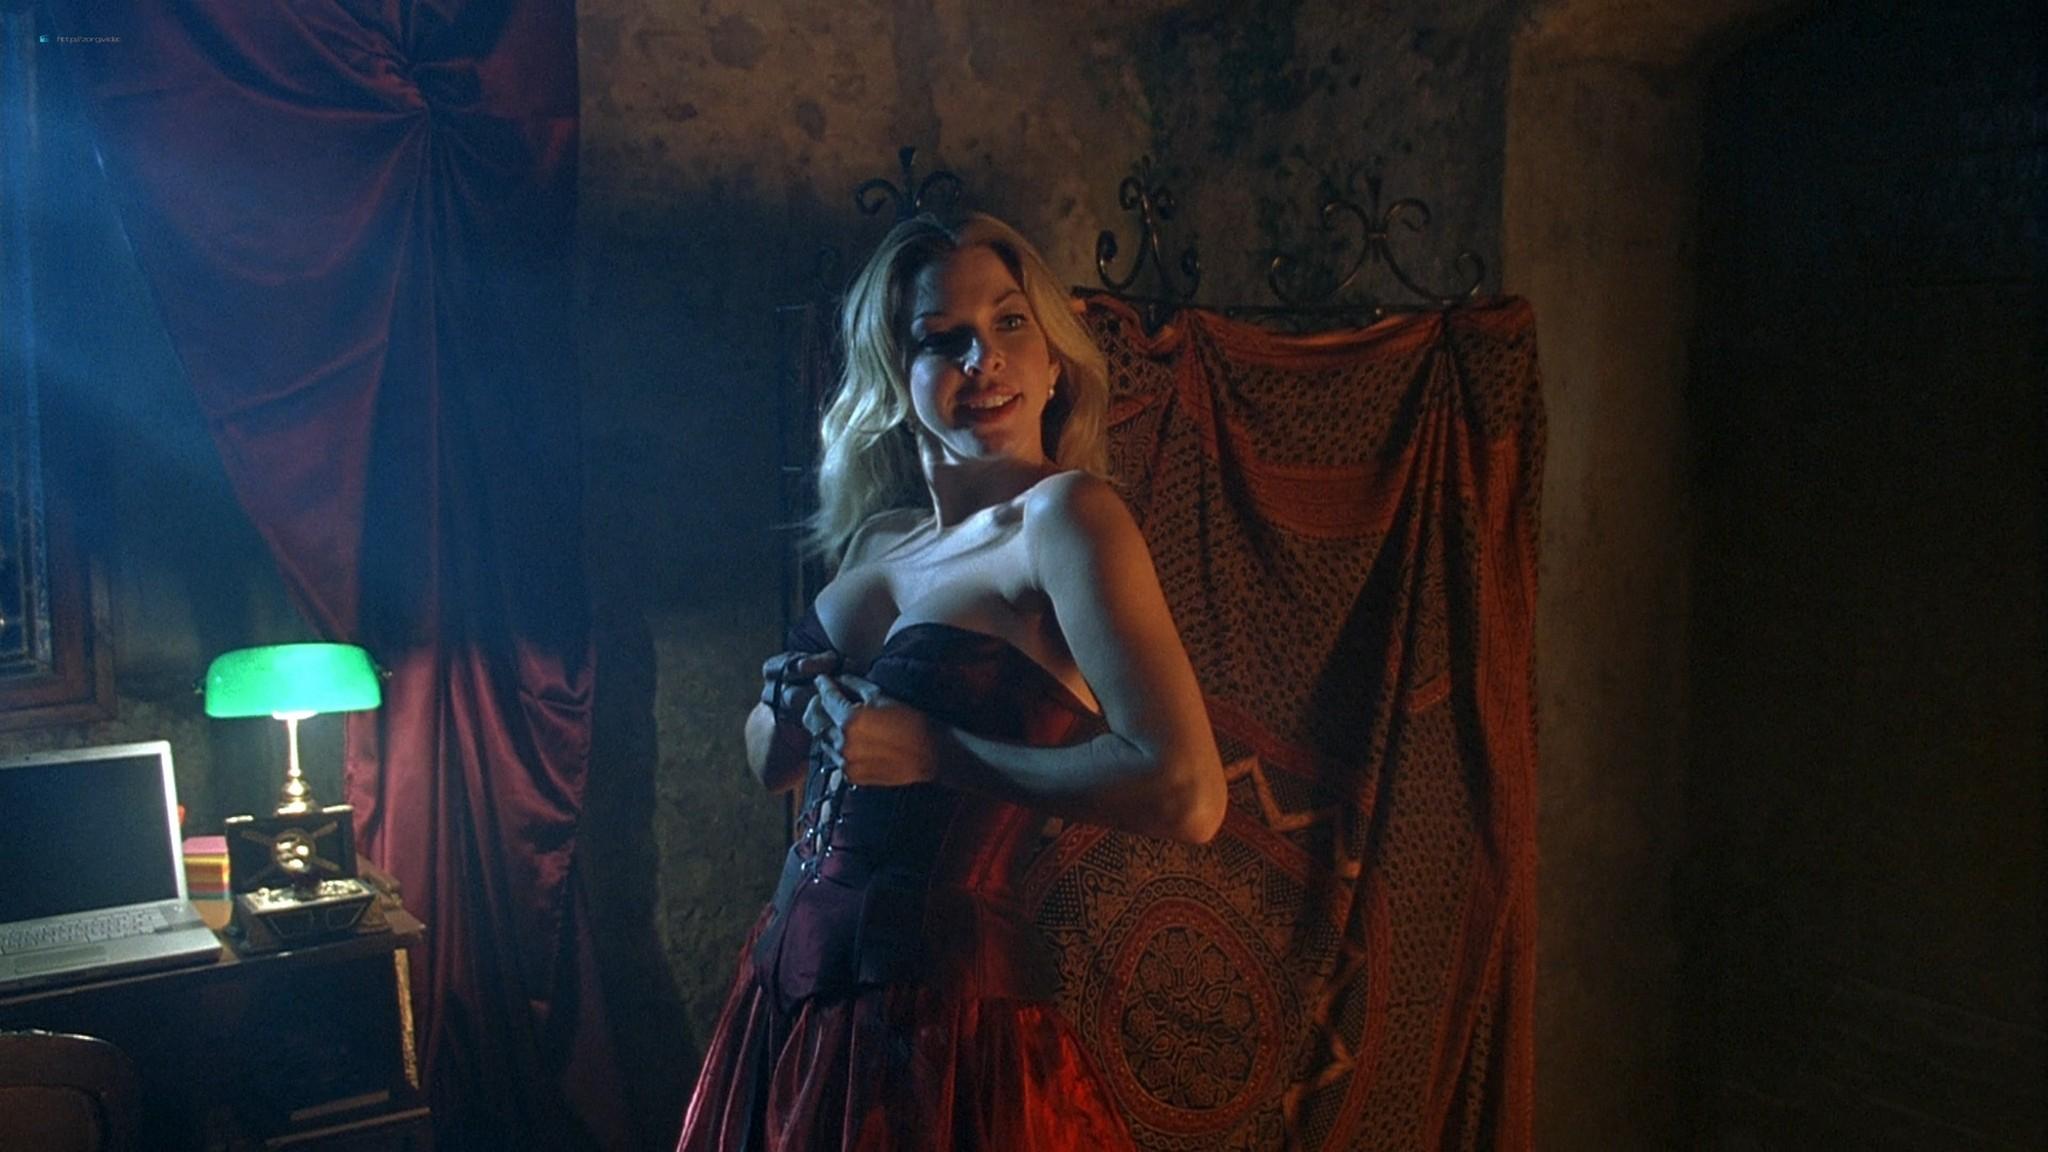 Jennifer Lyons hot Simon Petric, Desiree Malonga and others nude - Transylmania (2009) HD 1080p BluRay (r) (12)